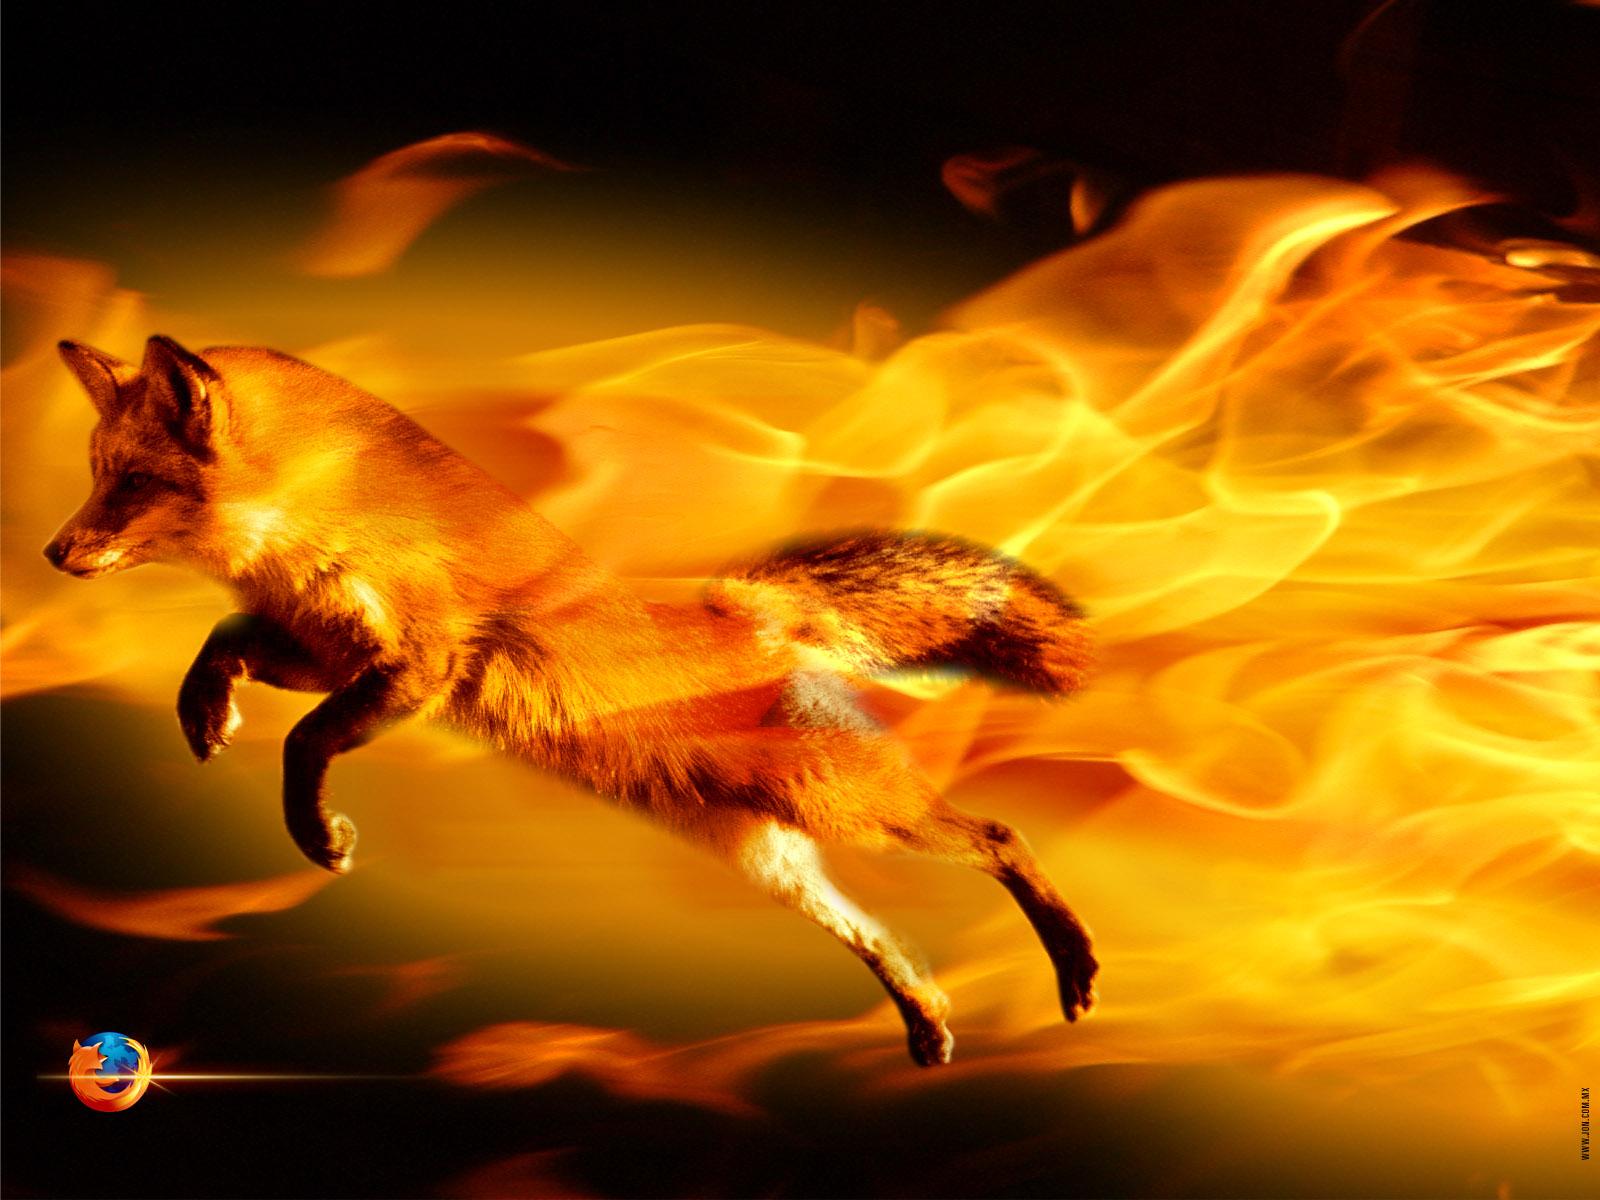 http://1.bp.blogspot.com/-zJpHnBEmSE8/TYd_cVMCKdI/AAAAAAAAA2E/9HkhZzs5S2Y/s1600/wallpaper-firefox-hd-4.jpg